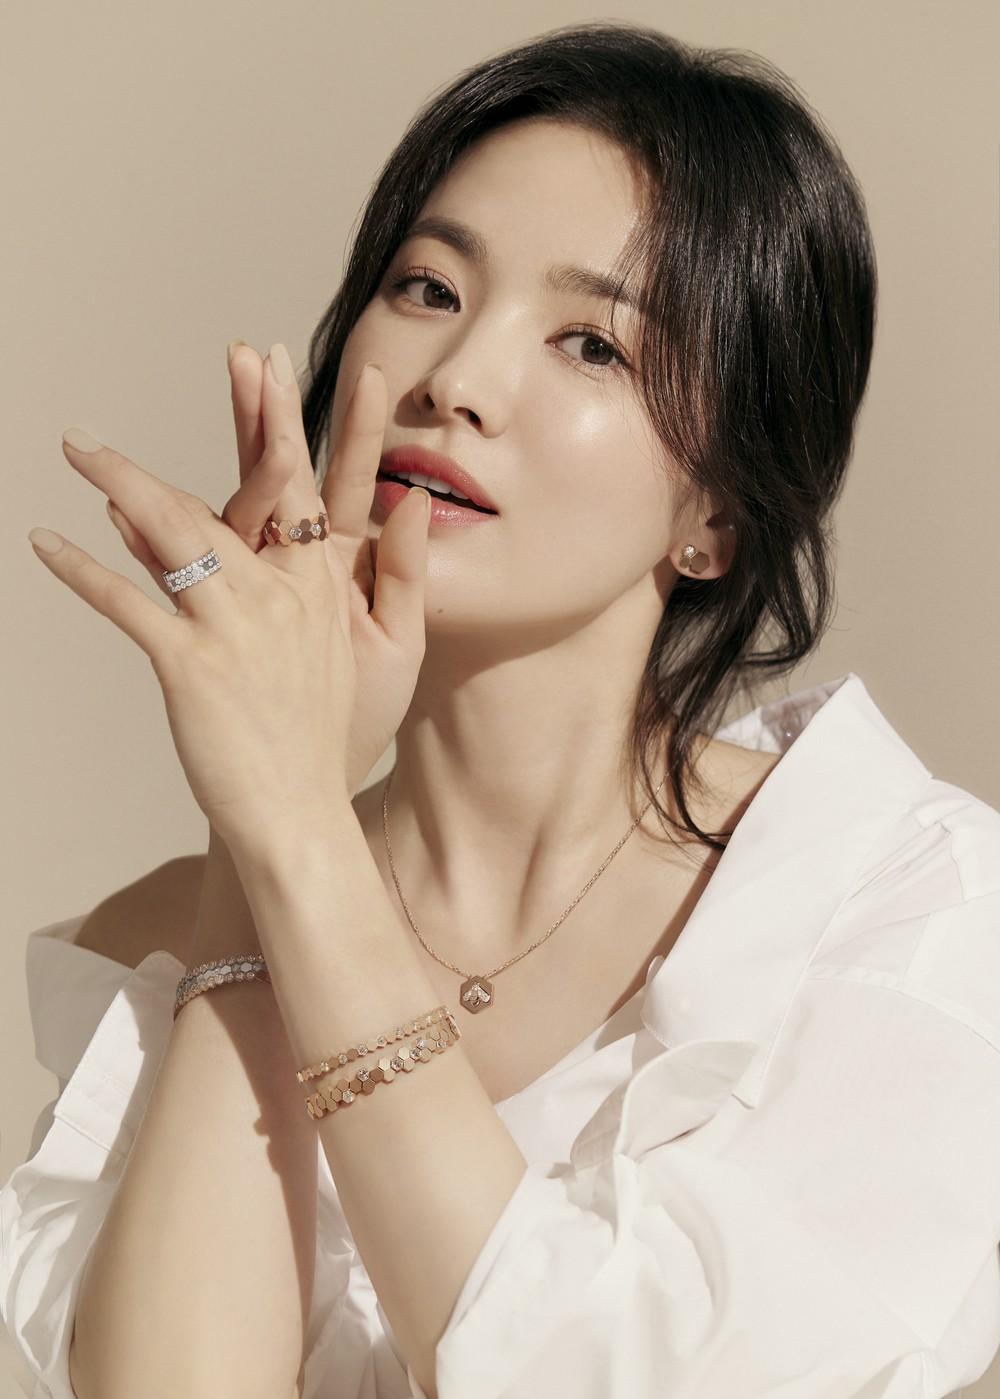 Song Hye Kyo tung ảnh quảng cáo trang sức, netizen phán ngay: Chị làm hàng hiệu lu mờ rồi! - Ảnh 4.